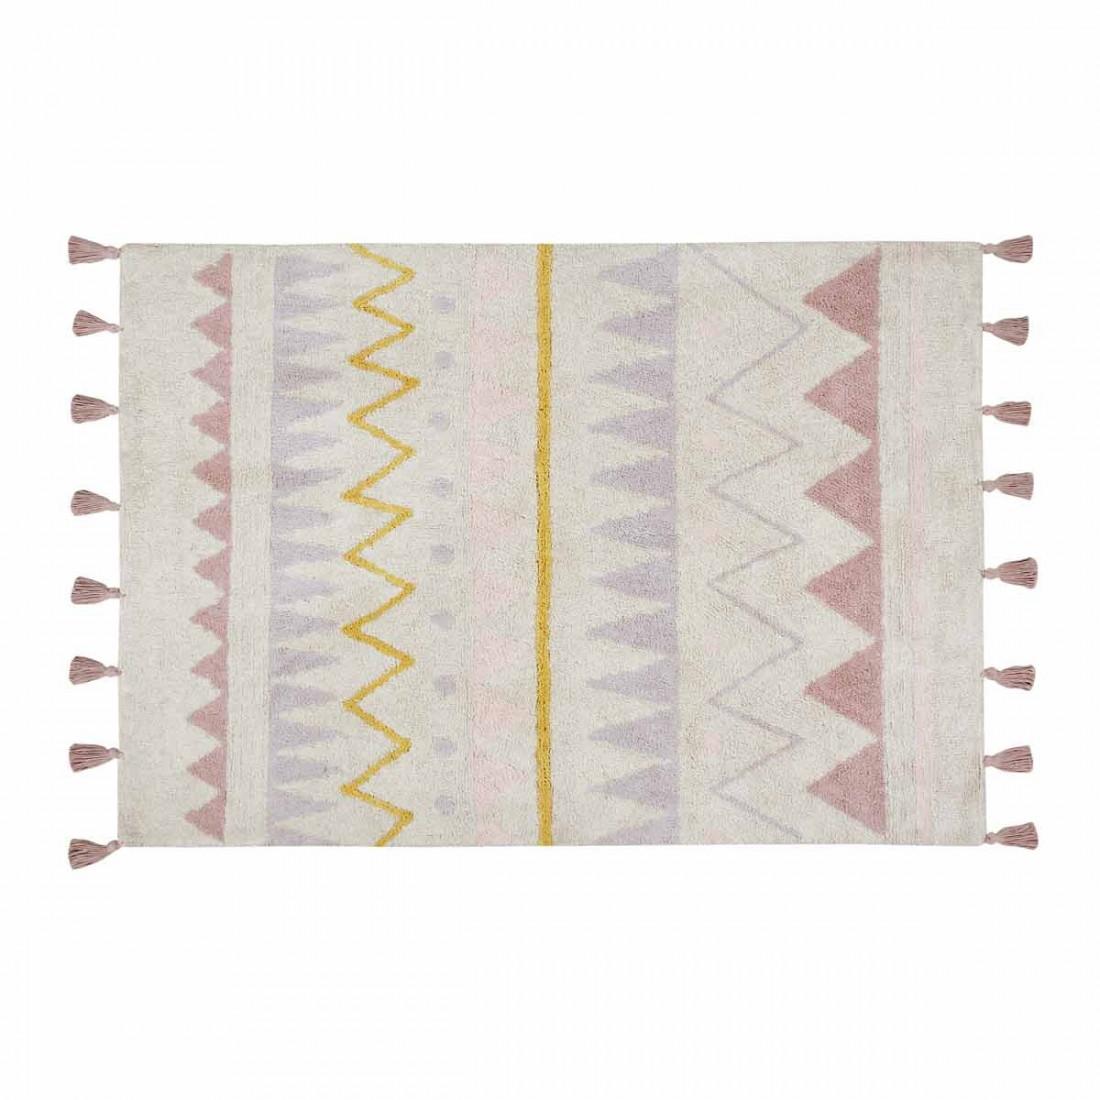 Tapis enfant coton lavable motifs azt que rose jaune blanc Petit tapis jaune